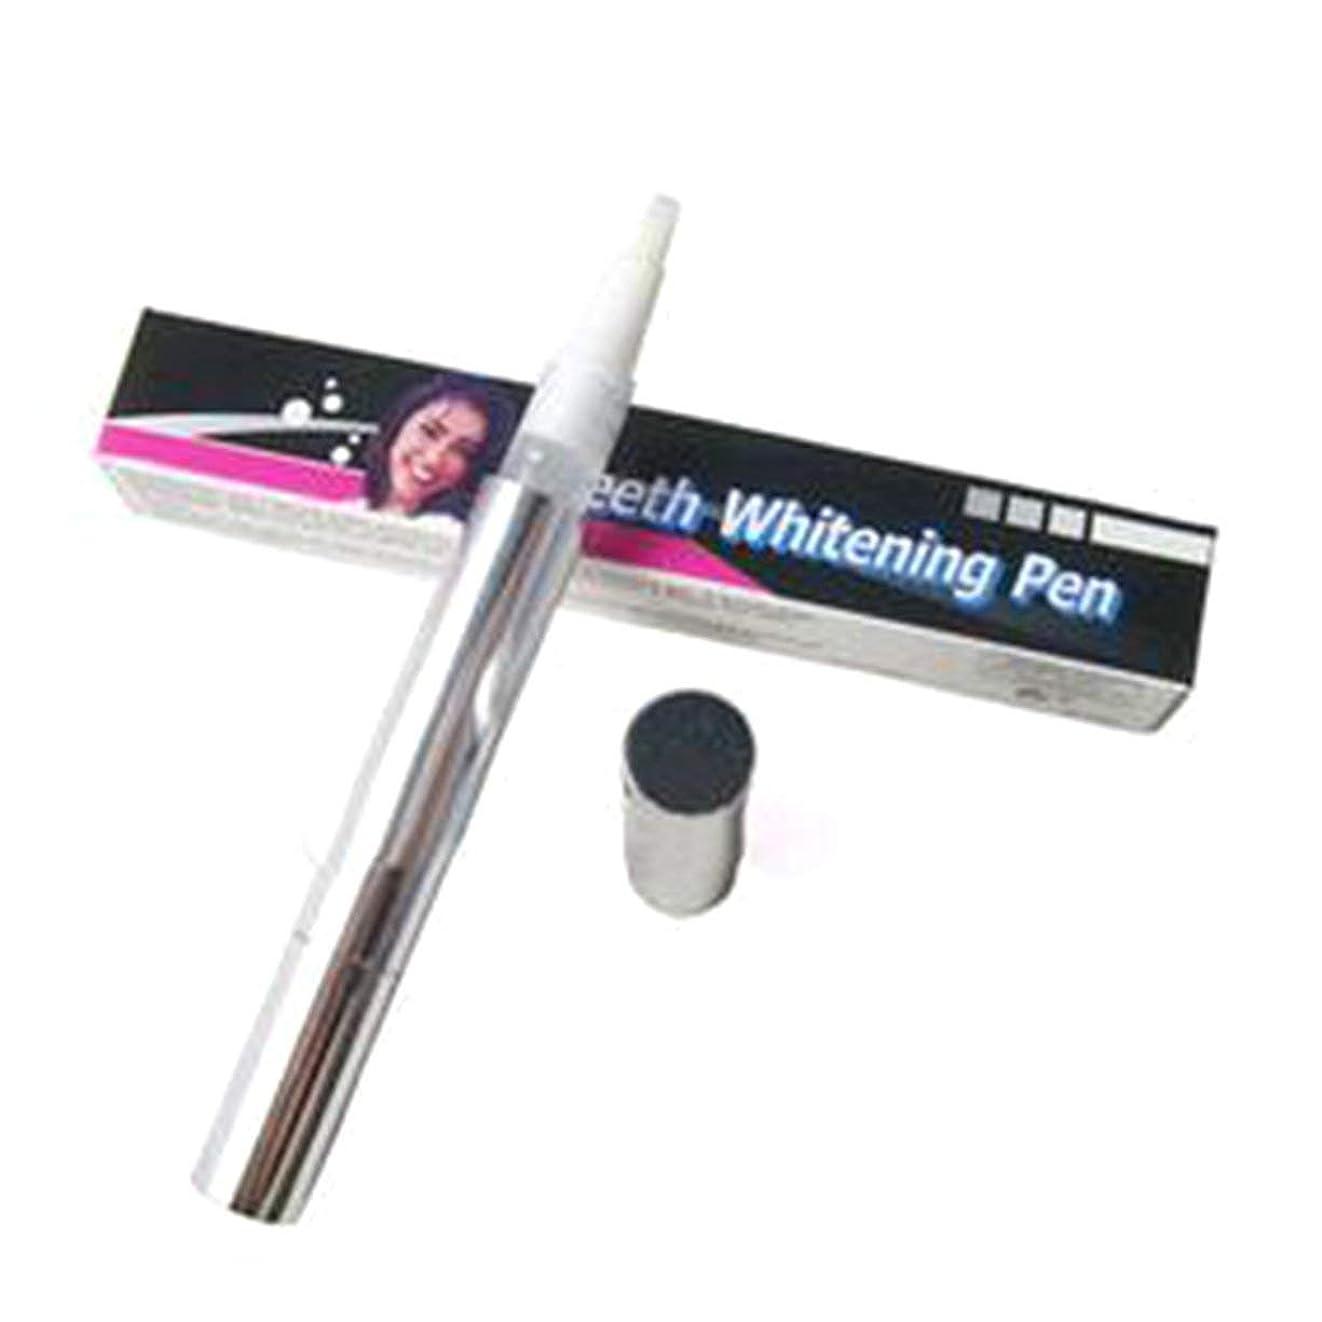 確かに決めますキリスト教ペンホワイトニングペン強力な汚れ消しゴム除去速い漂白歯ジェルホワイトナー歯科口腔衛生用品 - シルバー